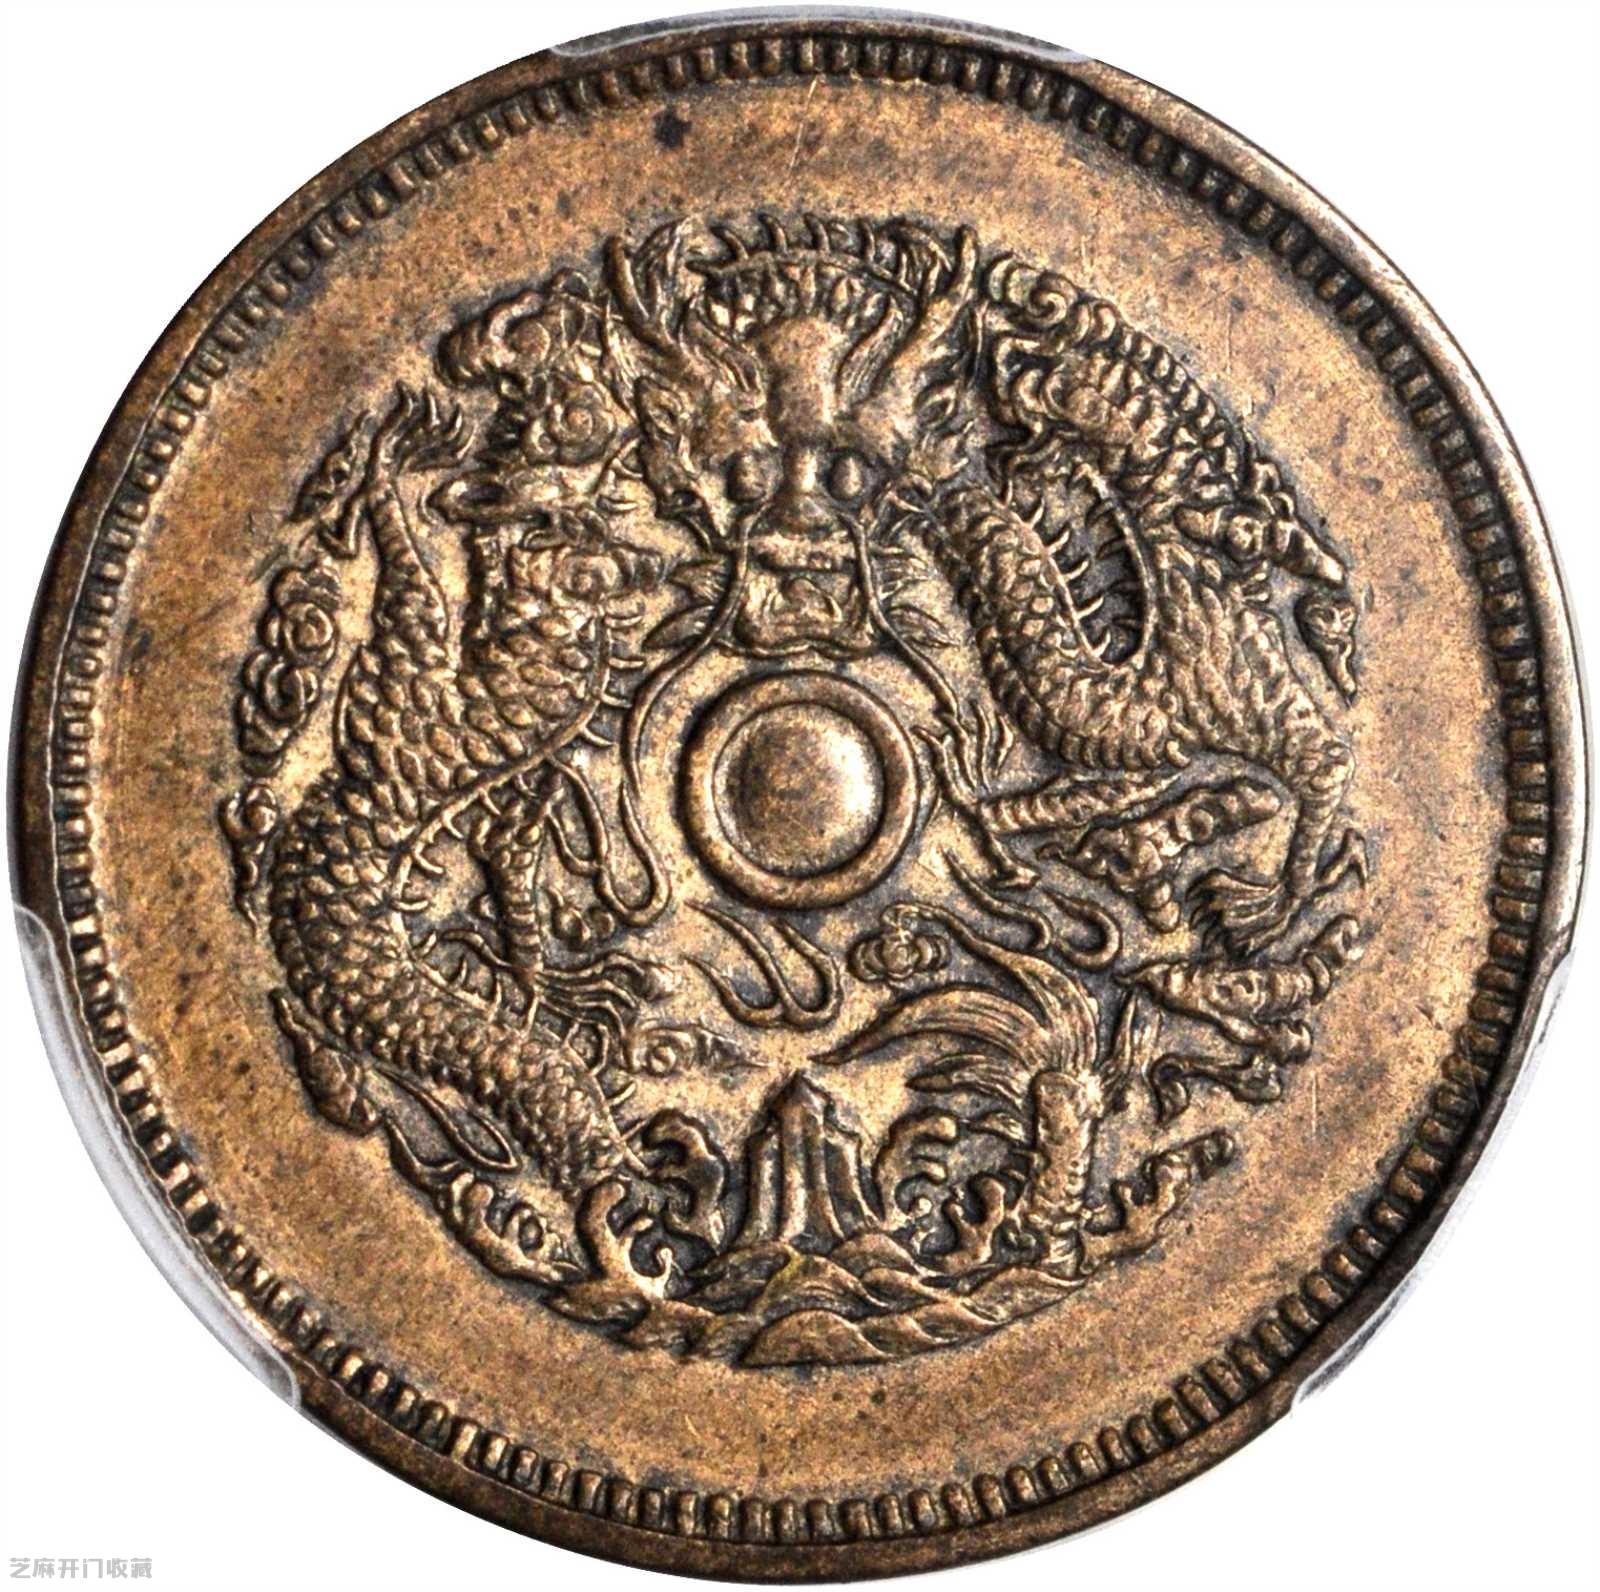 湖北铜元值钱吗